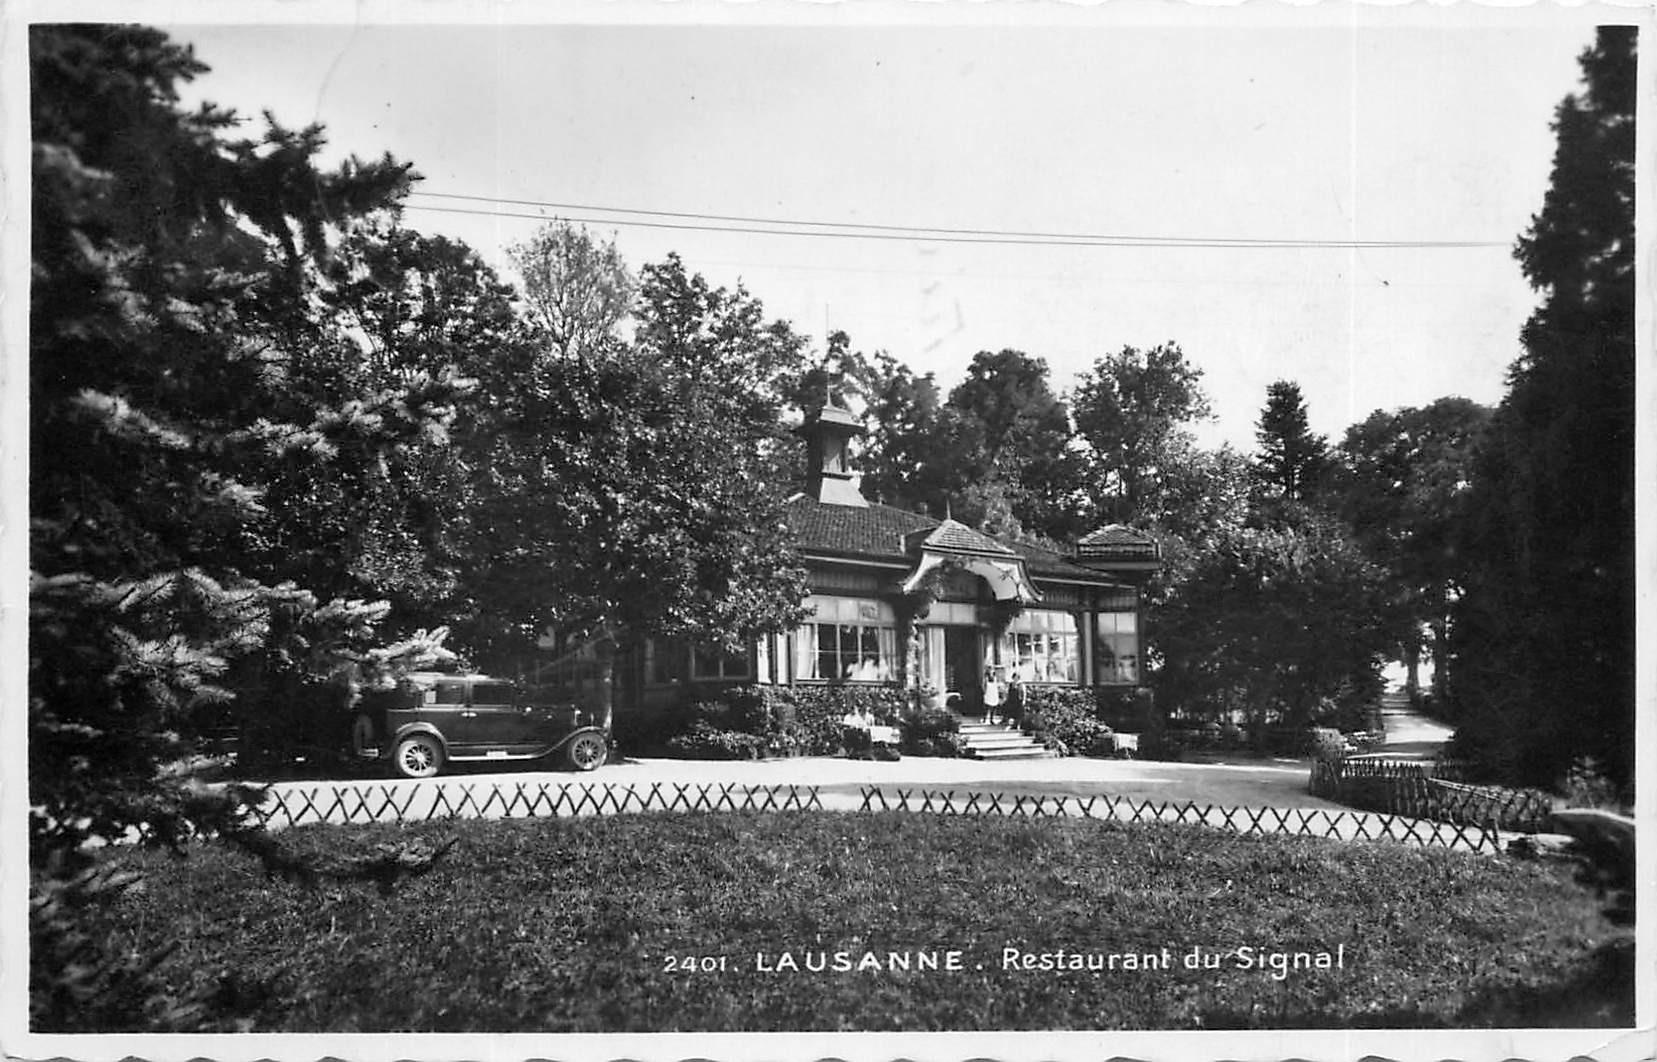 LAUSANNE Restaurant du Signal 1941